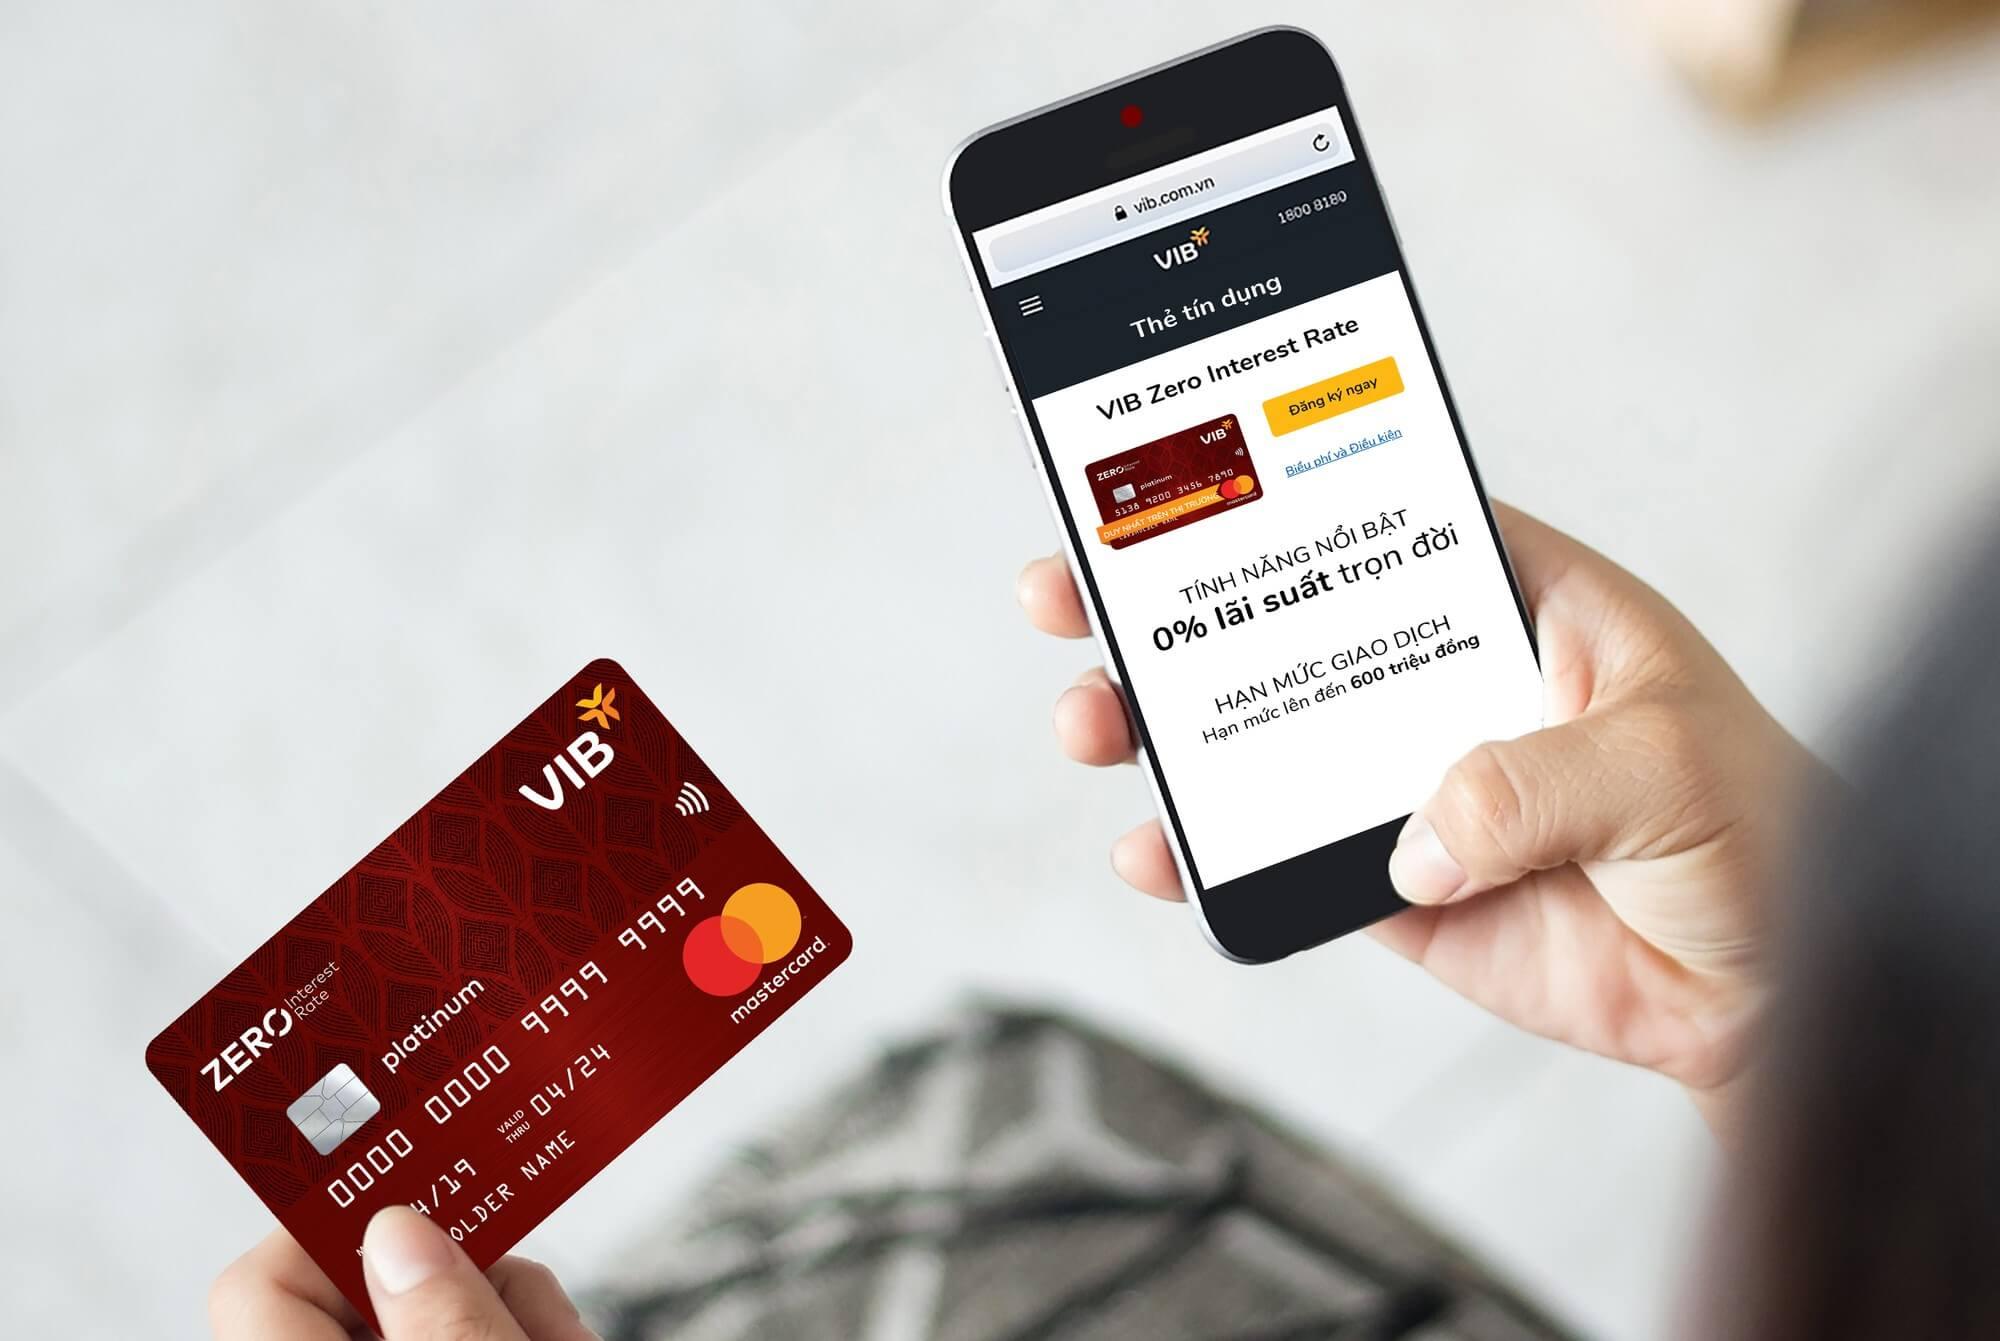 Hưởng lãi 0% với thẻ tín dụng VIB online